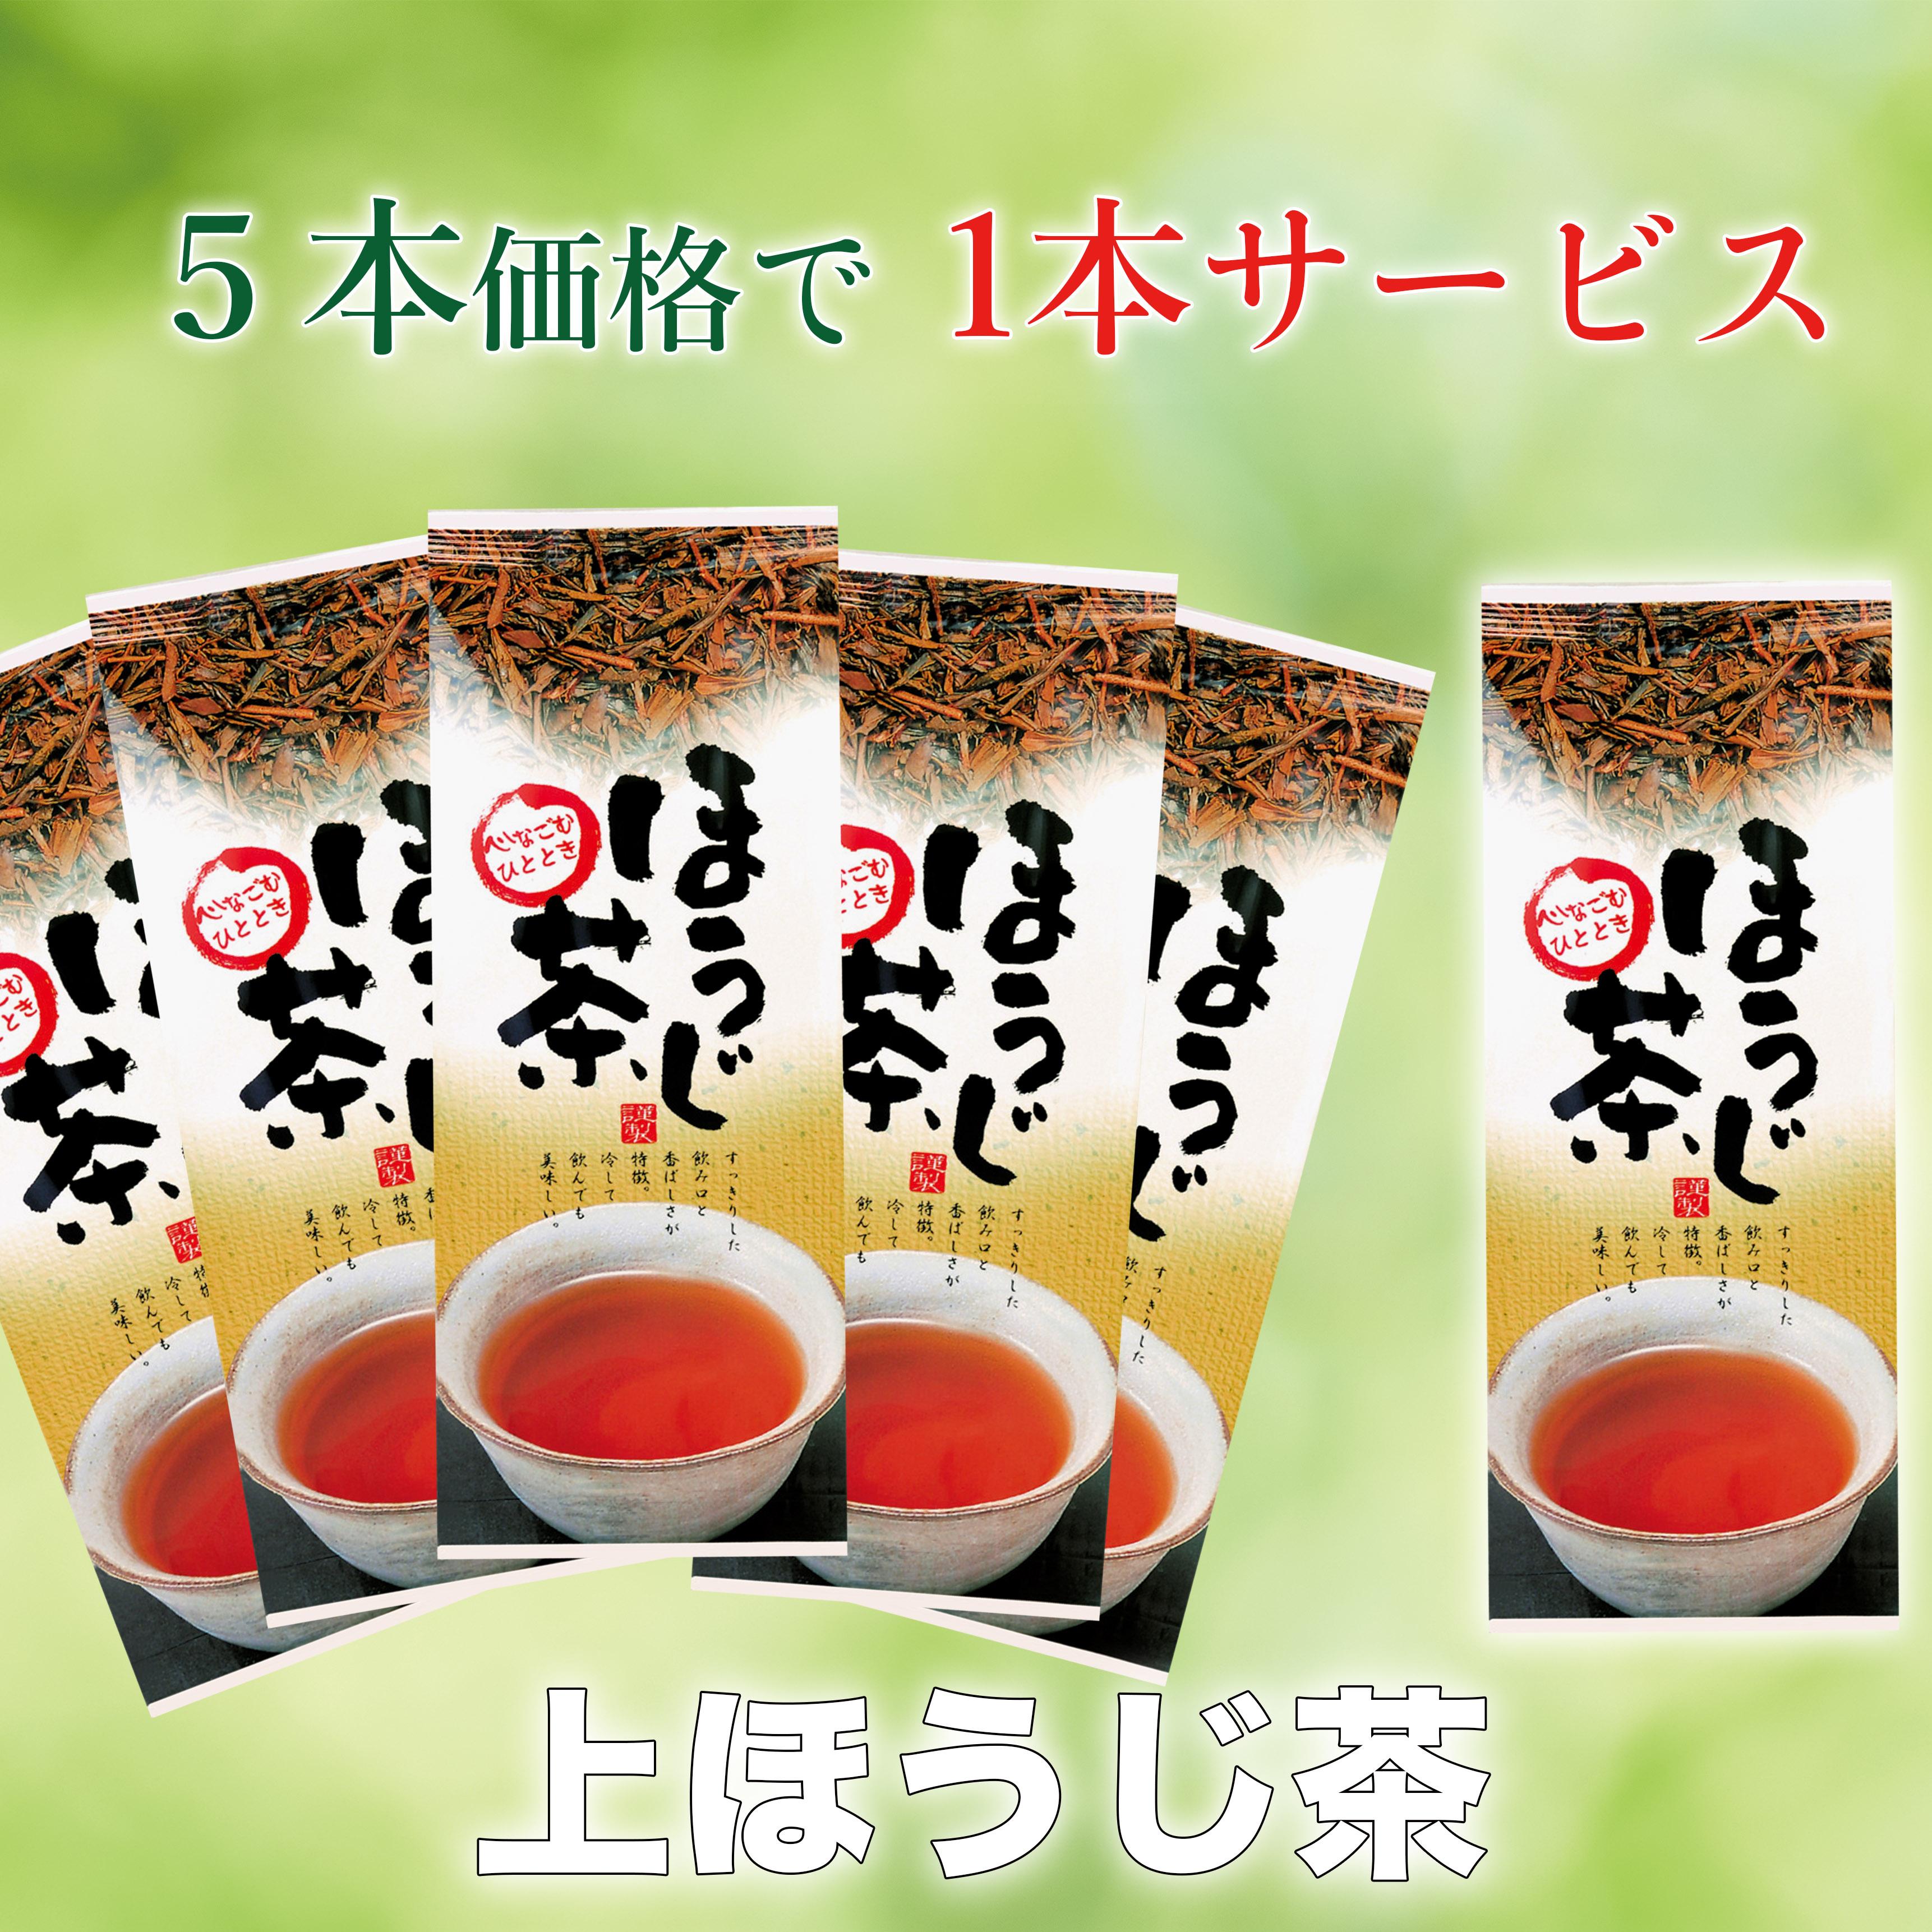 上ほうじ茶6本パック(200g袋×5本+1本)